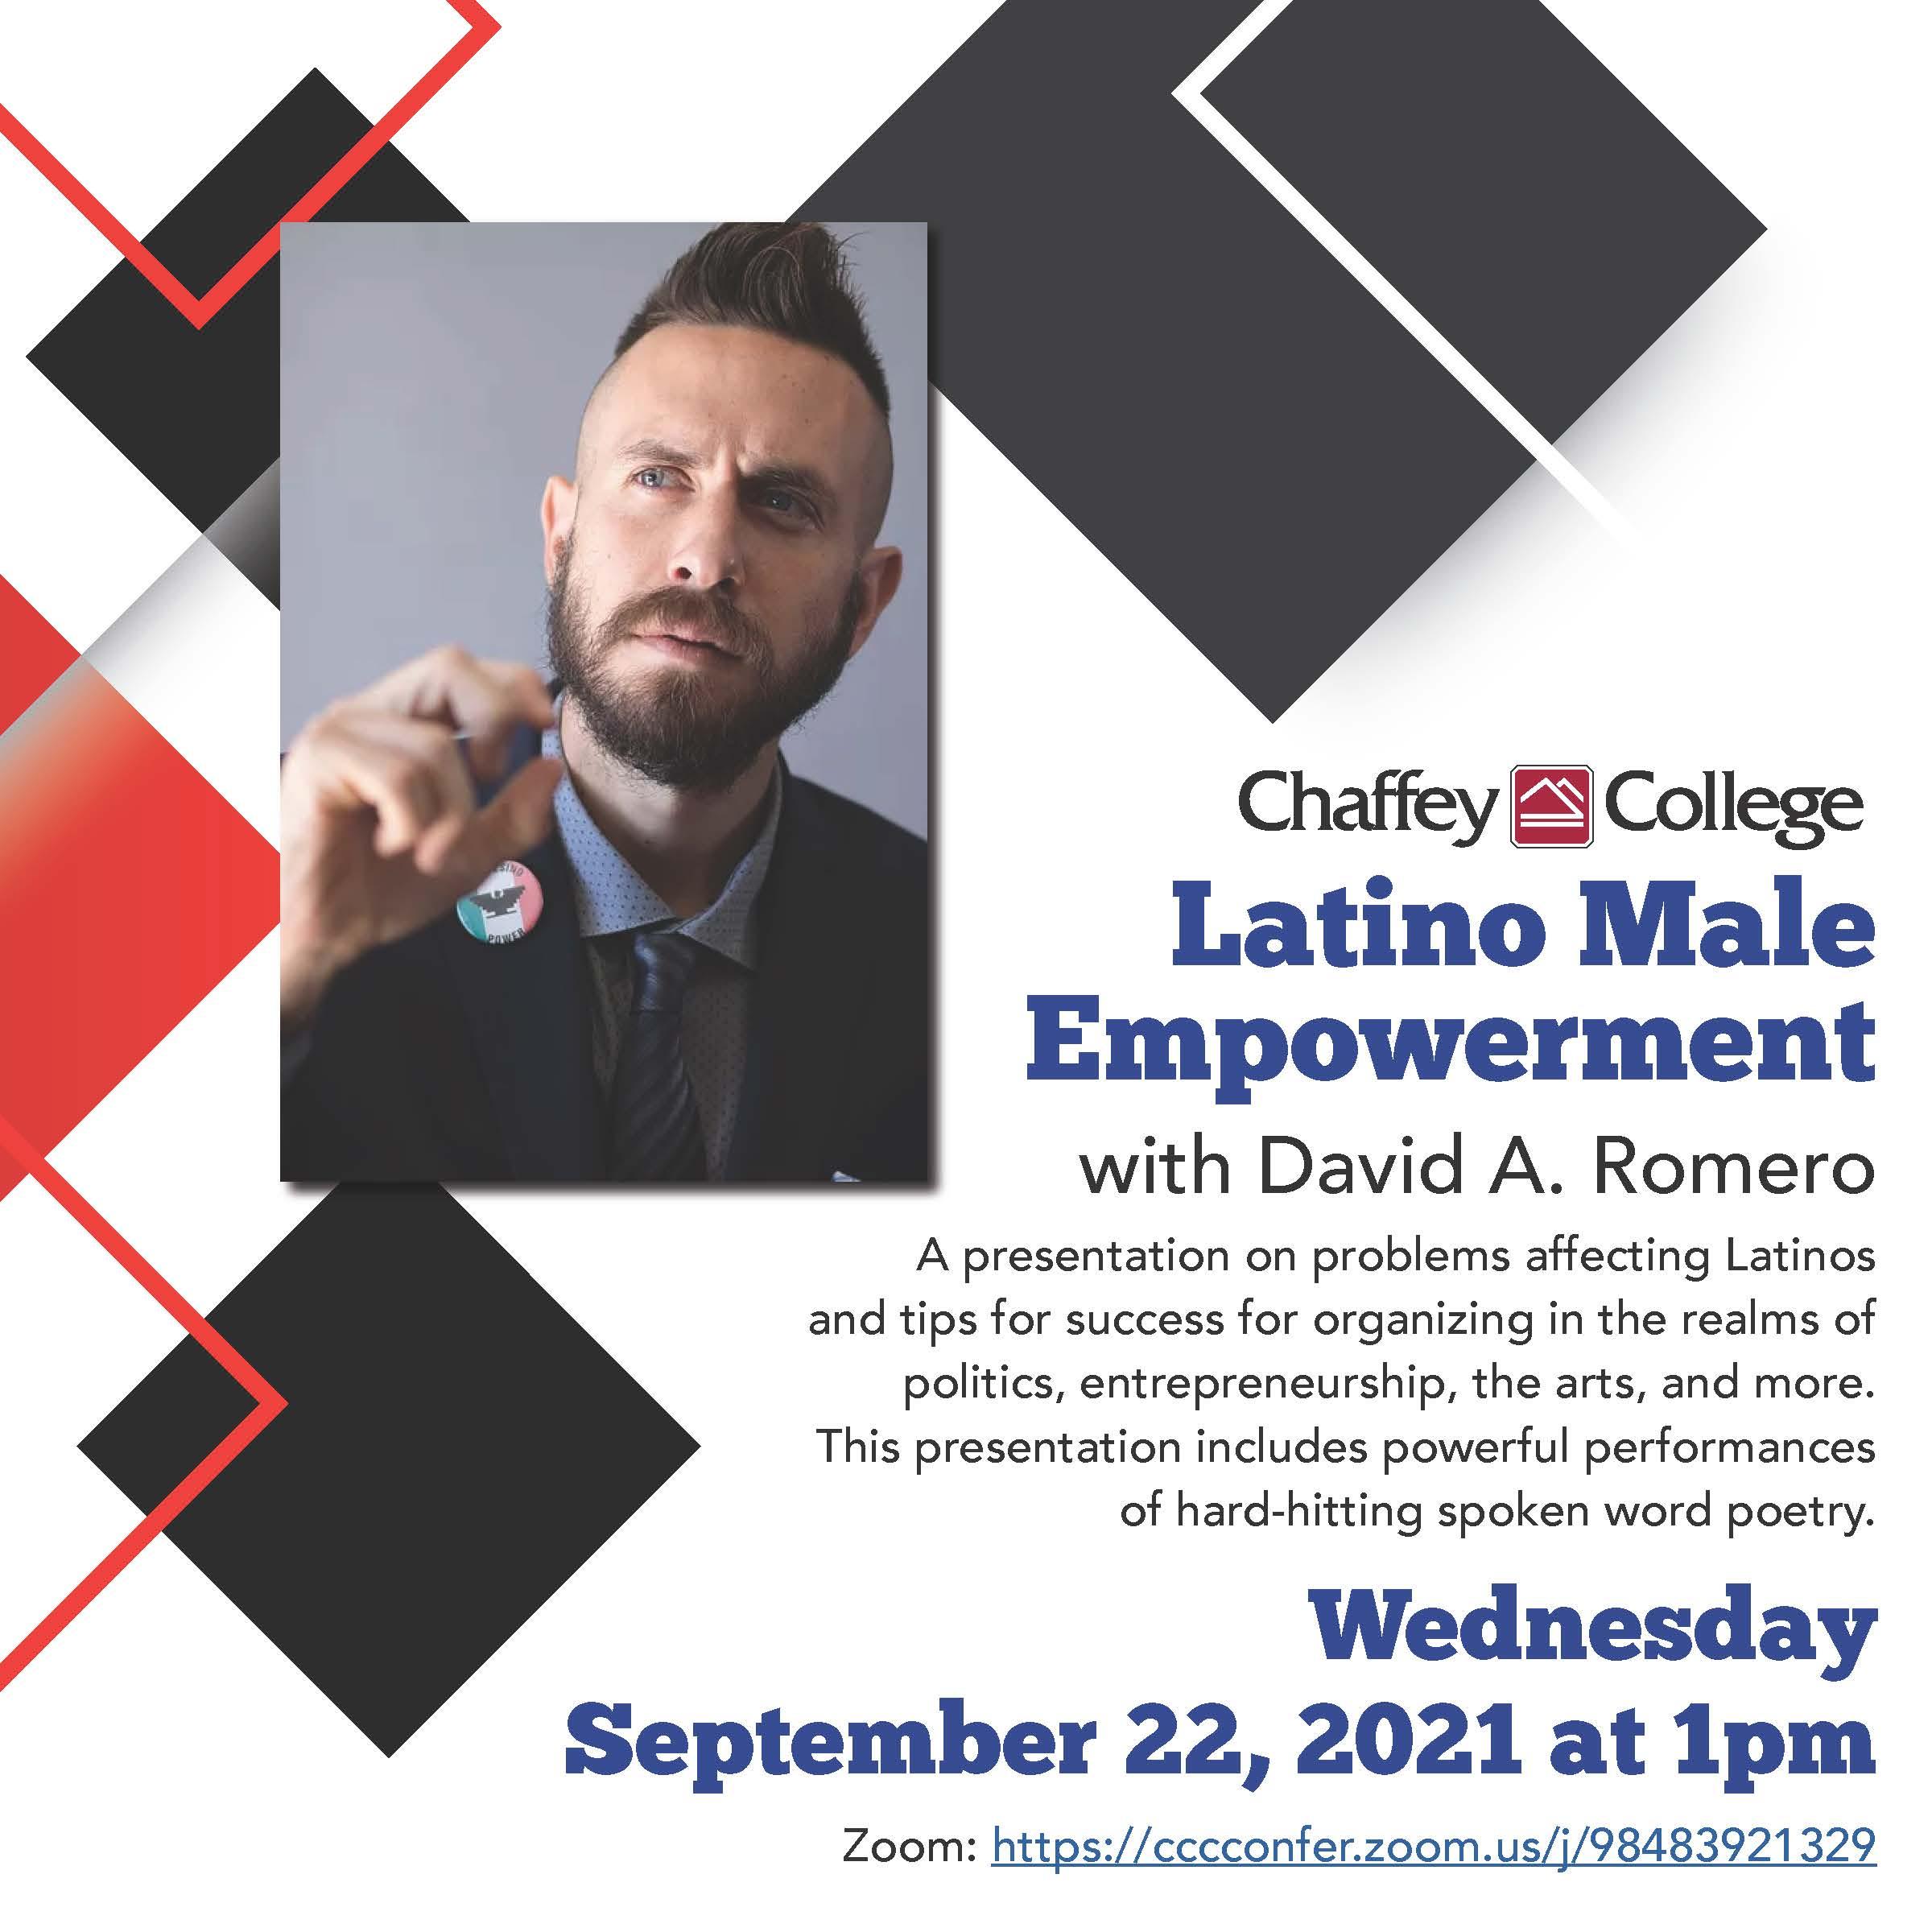 Latino Male Empowerment